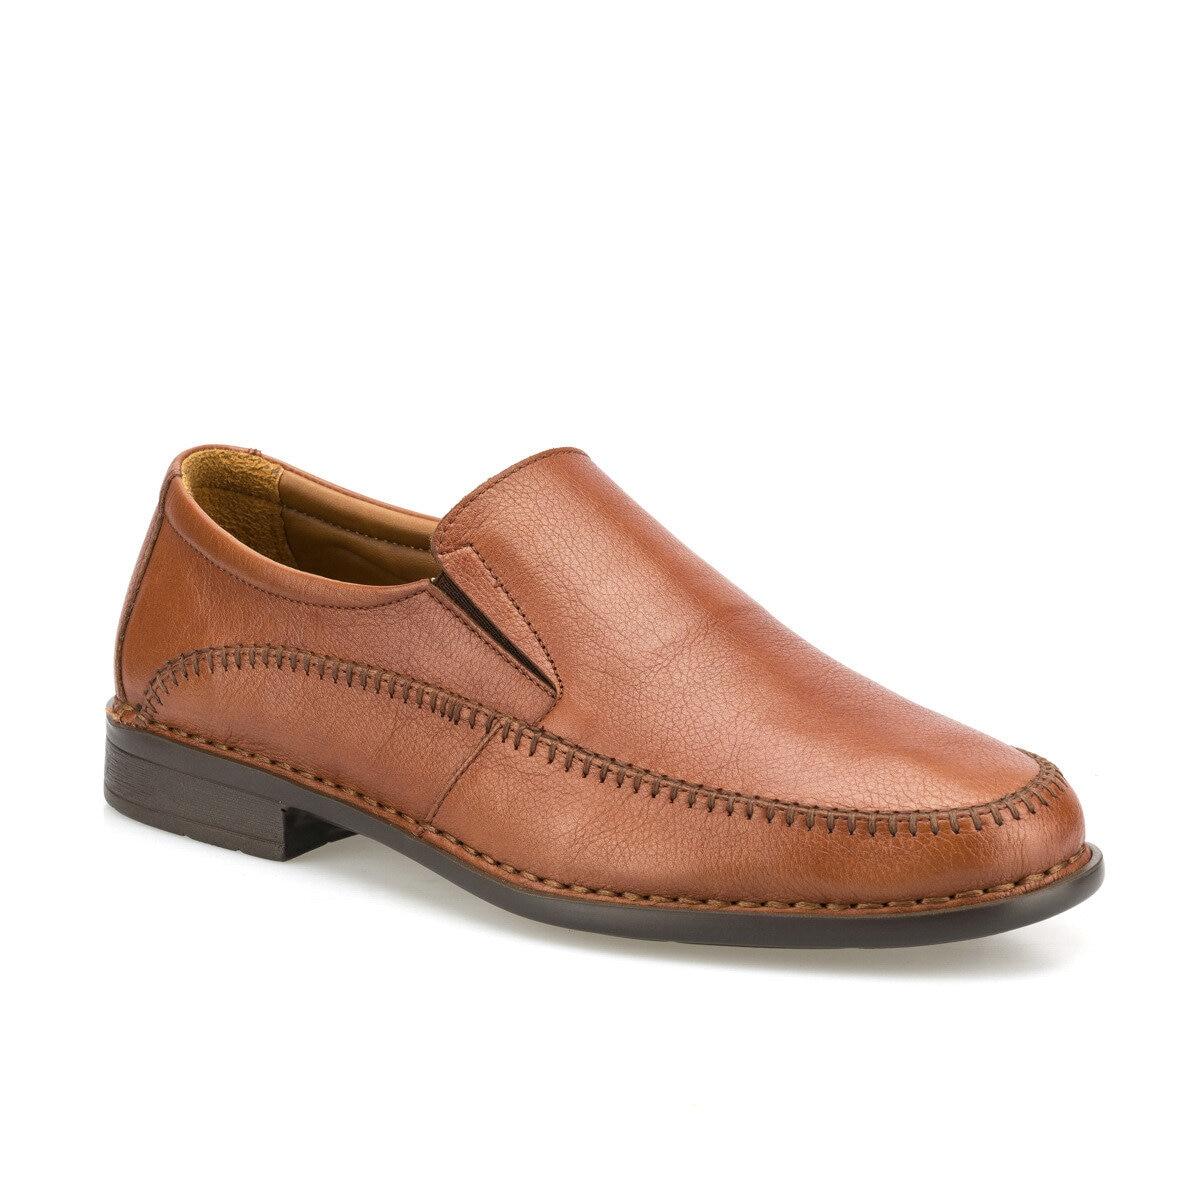 FLO 102025.M Tan Men 'S Classic Shoes Polaris 5 Point